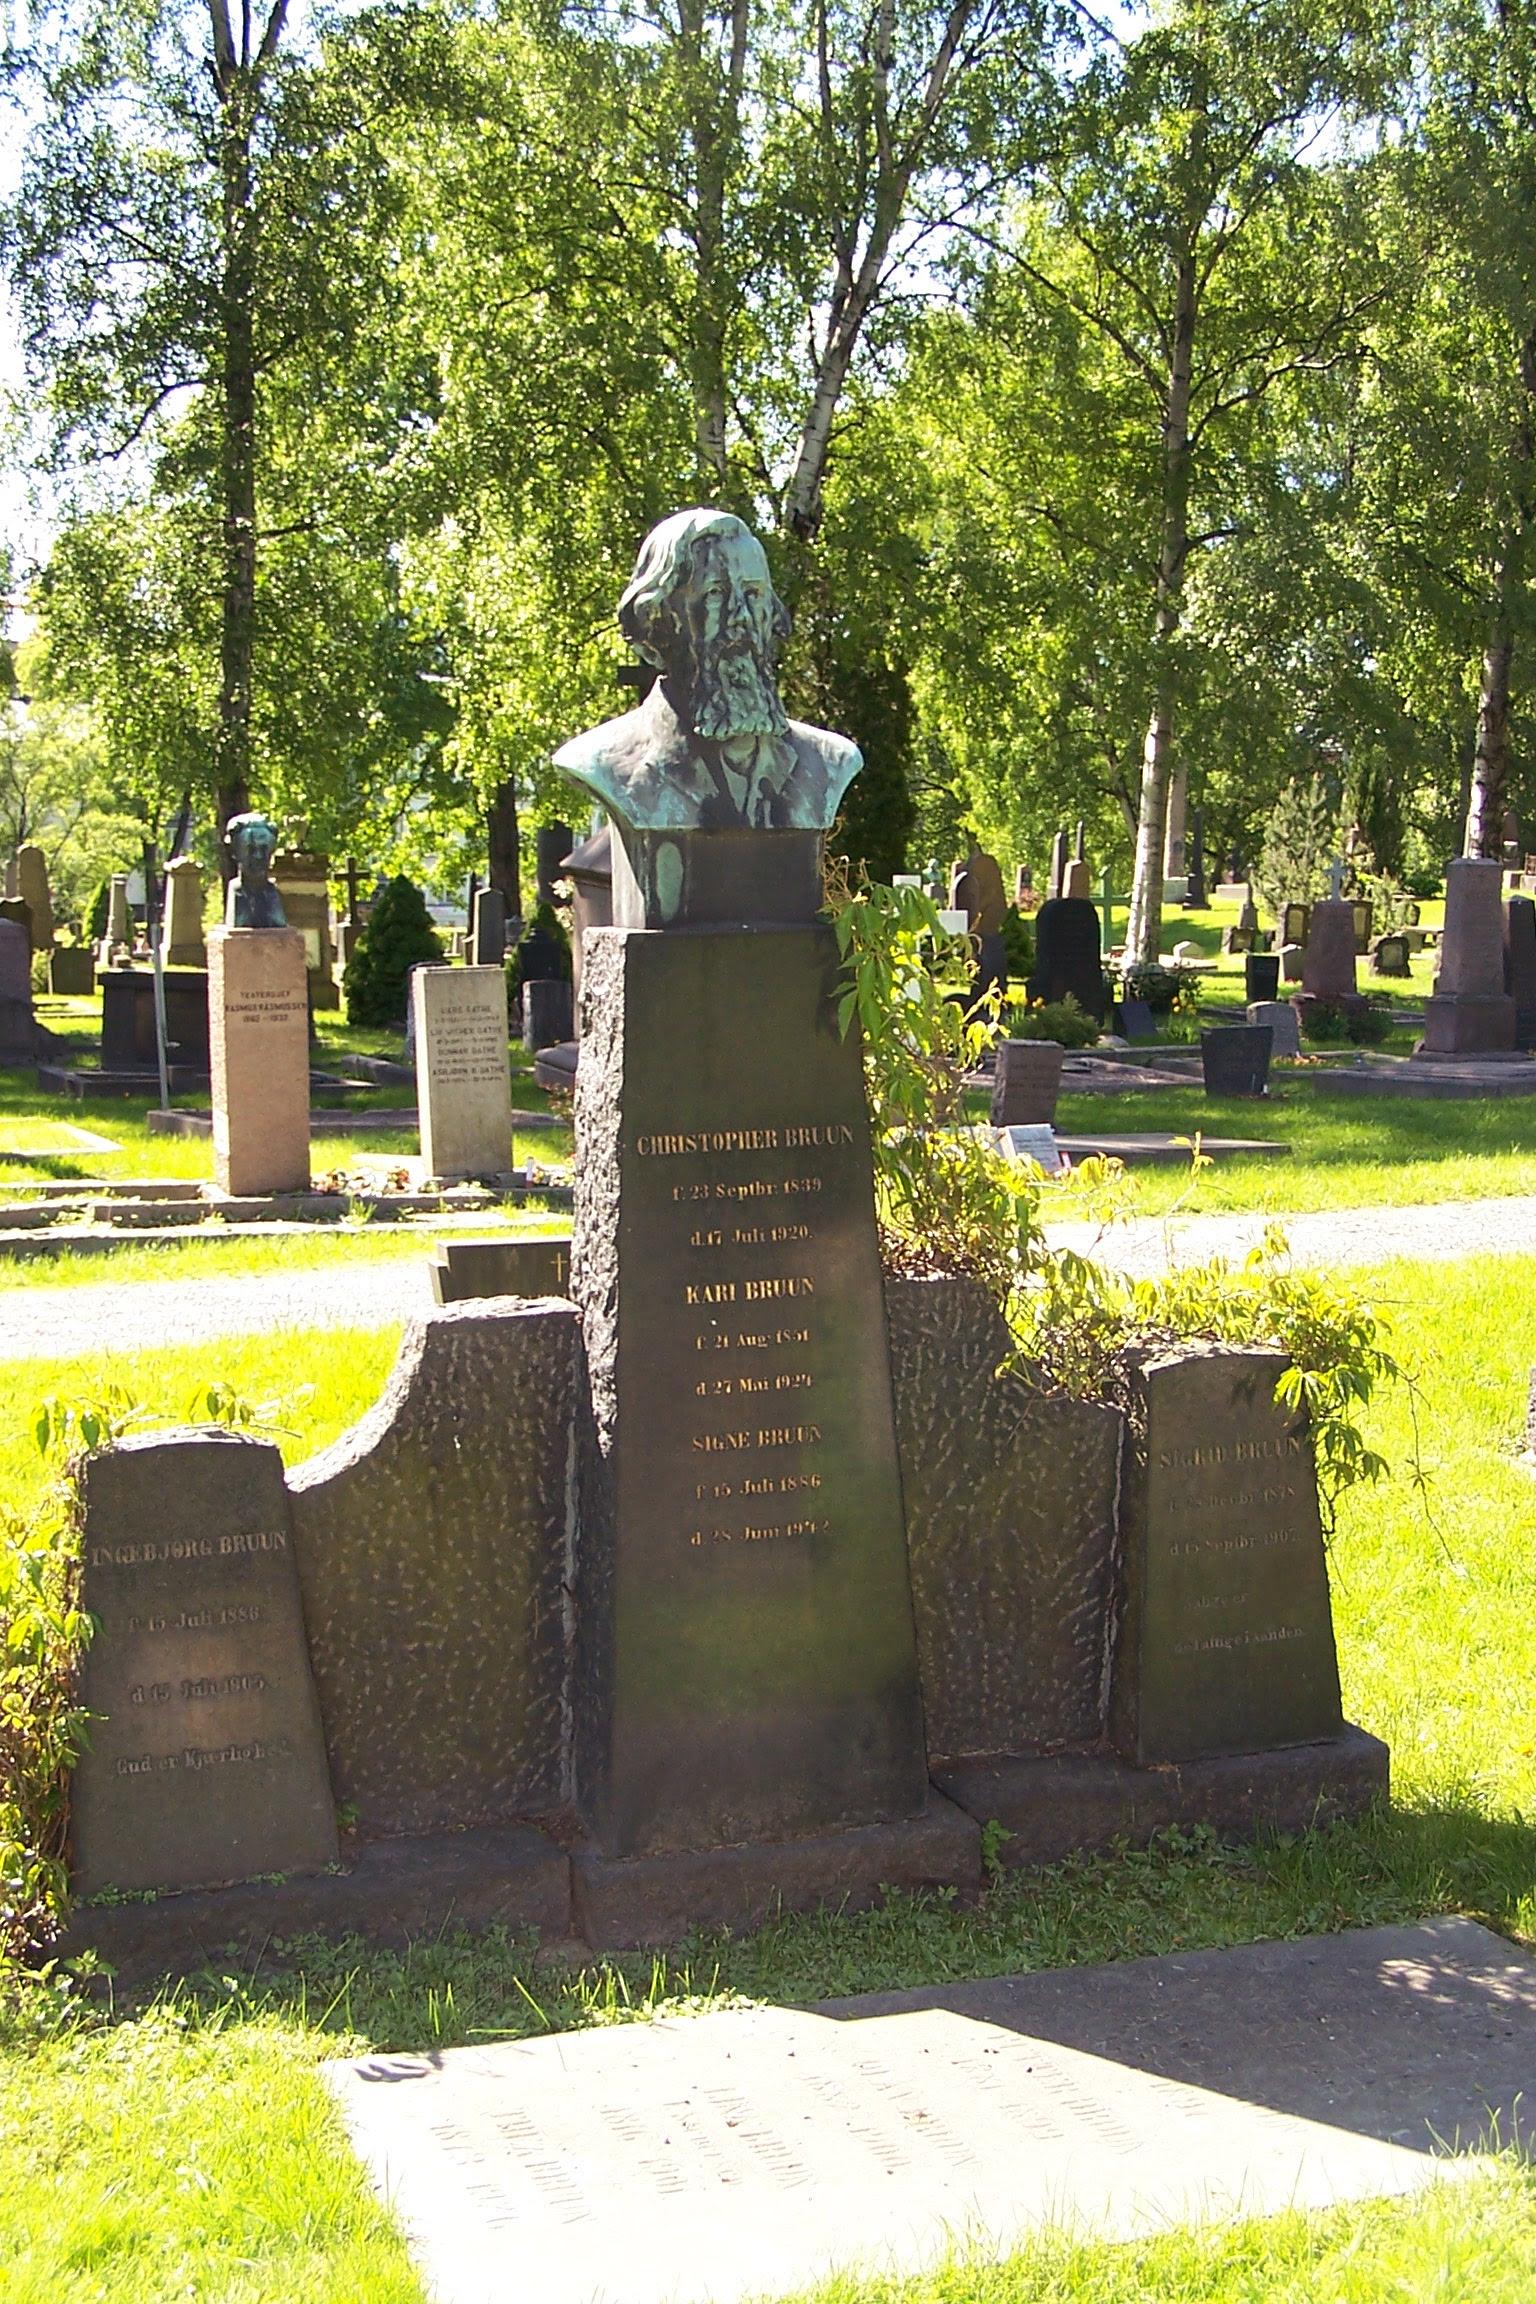 Chris Nyborg: Tomb of Christopher Arnt Bruun at Vår Frelsers gravlund, Oslo